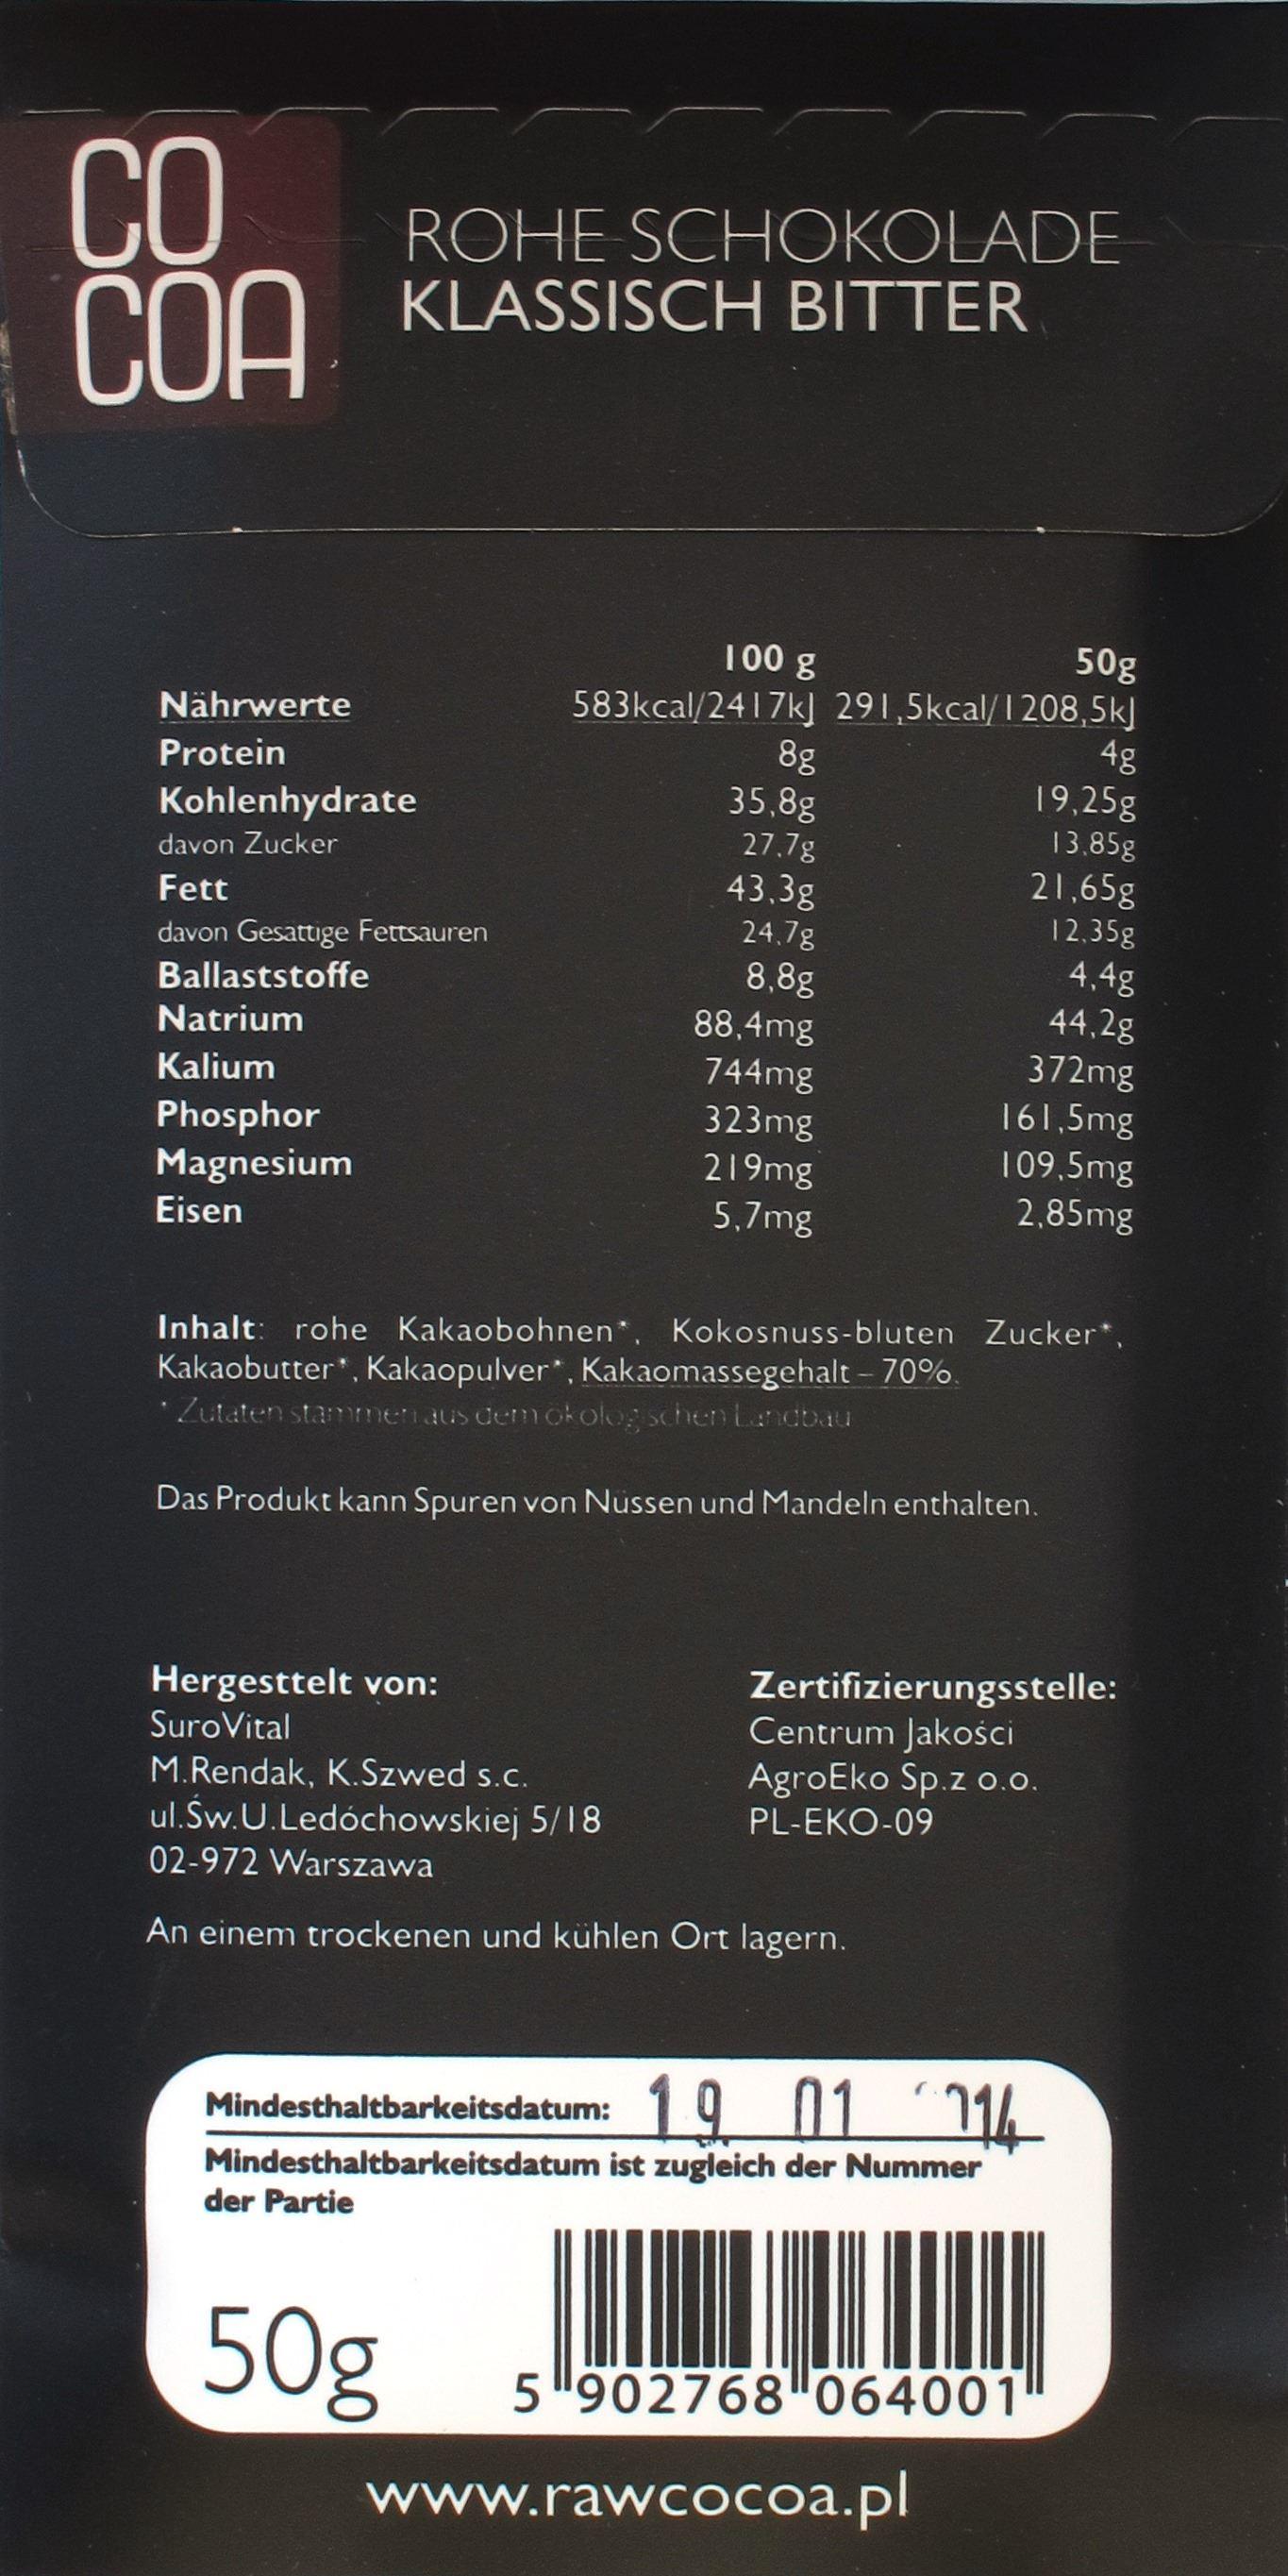 """Cocoa-Schokoladentafel """"klassisch bitter"""", Rückseite und Inhaltsangaben"""